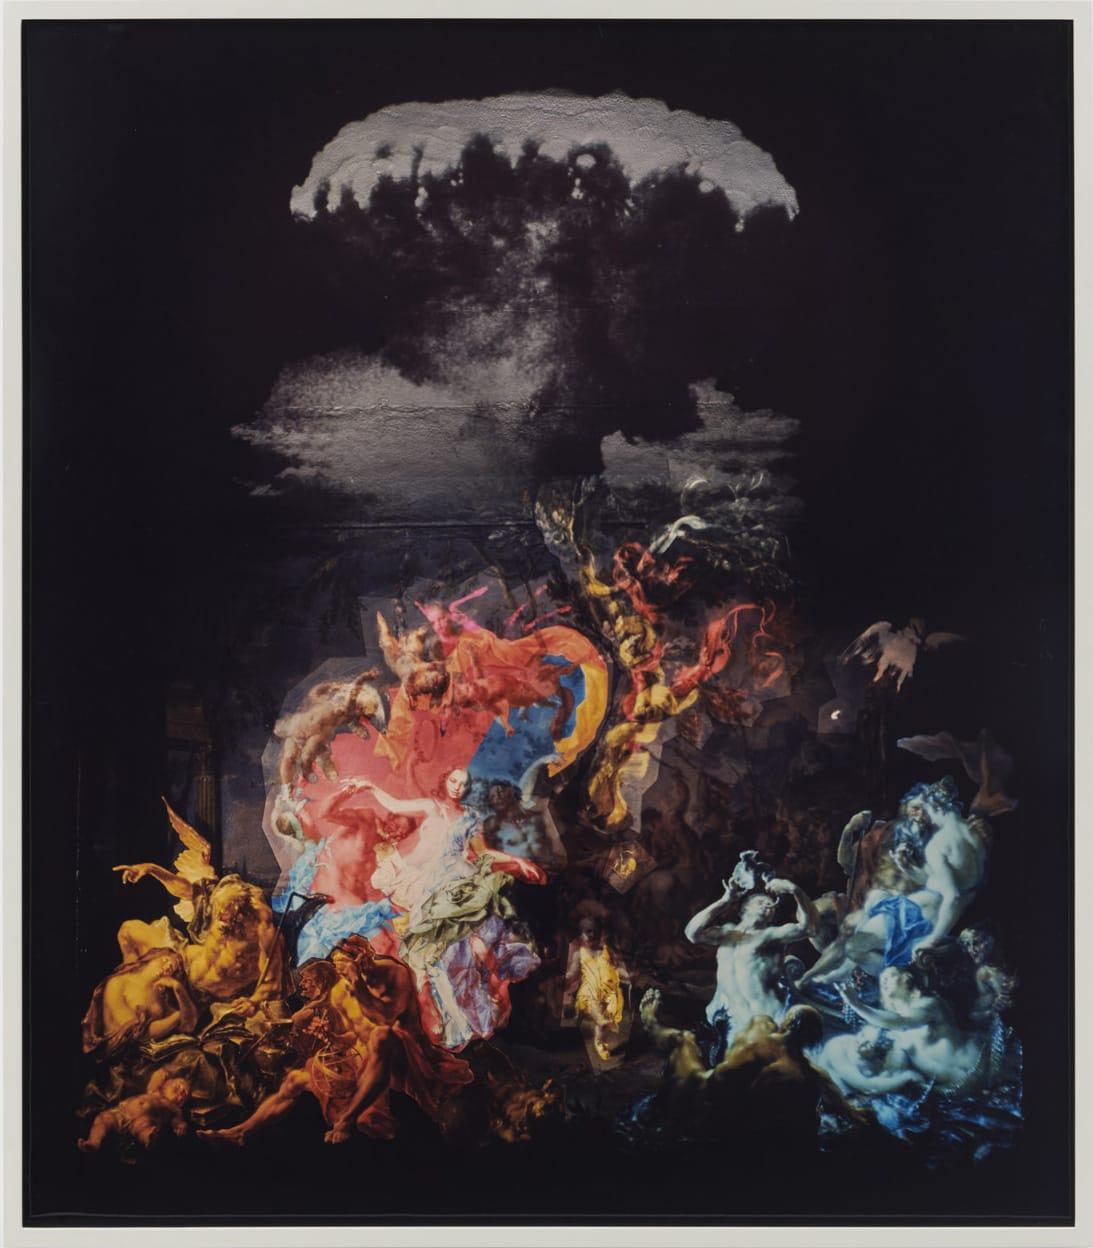 Helen CHADWICK, Allegory of Misrule, 1986